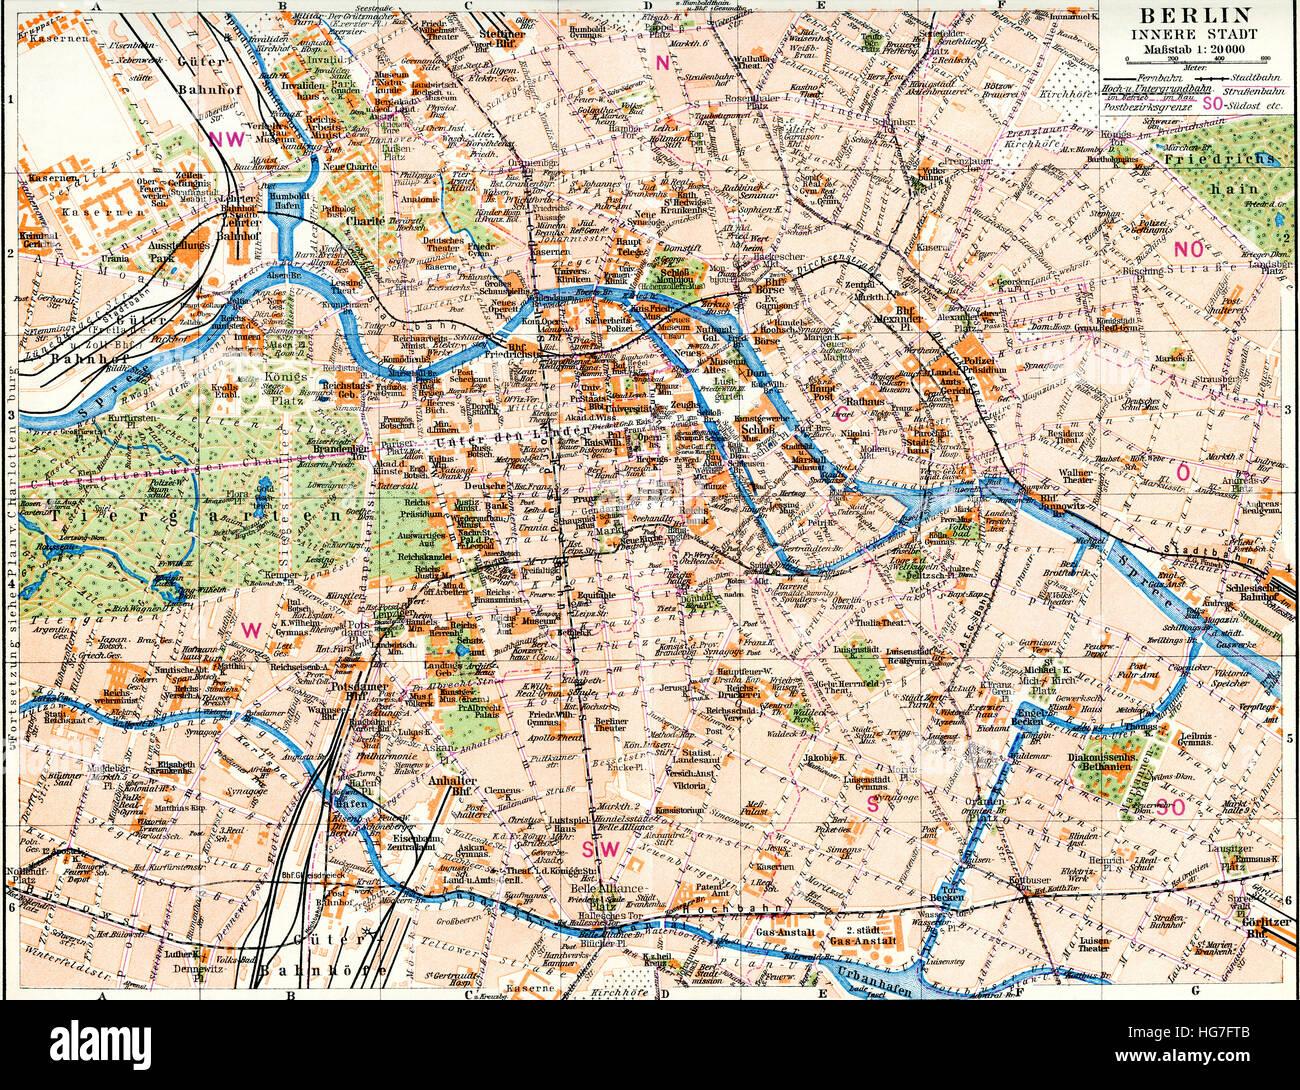 Berlin Map Stock Photos & Berlin Map Stock Images - Alamy